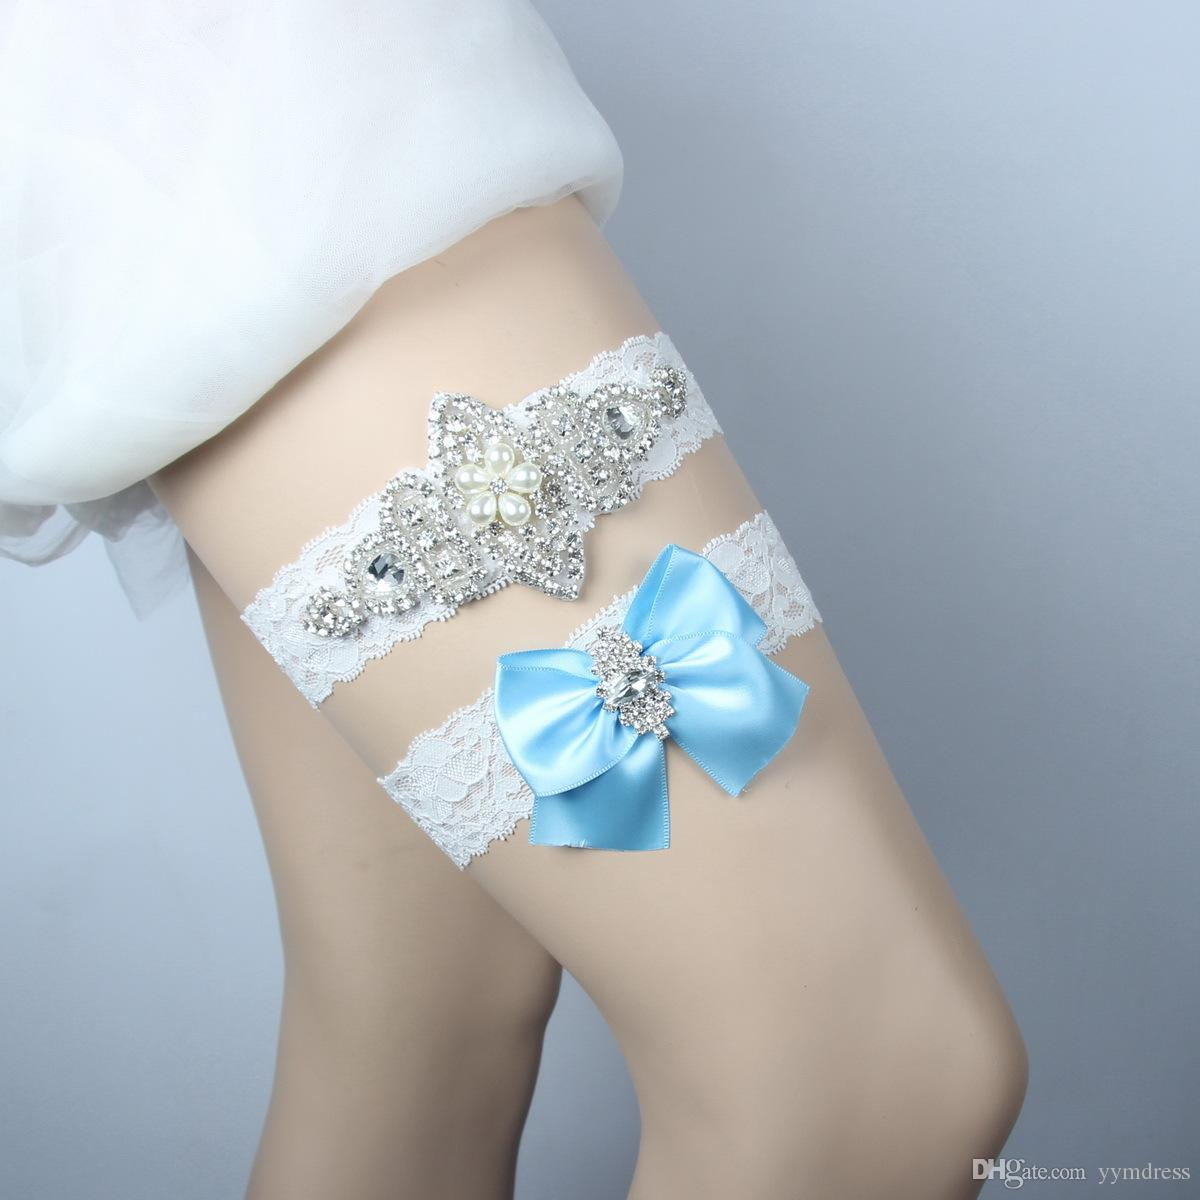 Braut Leg Strumpfbänder Hochzeit Strumpfbänder Blau 2 Stück Set Royal Blue Bow Blumen Prom Garter Braut Hochzeit Strumpfbänder Gürtel